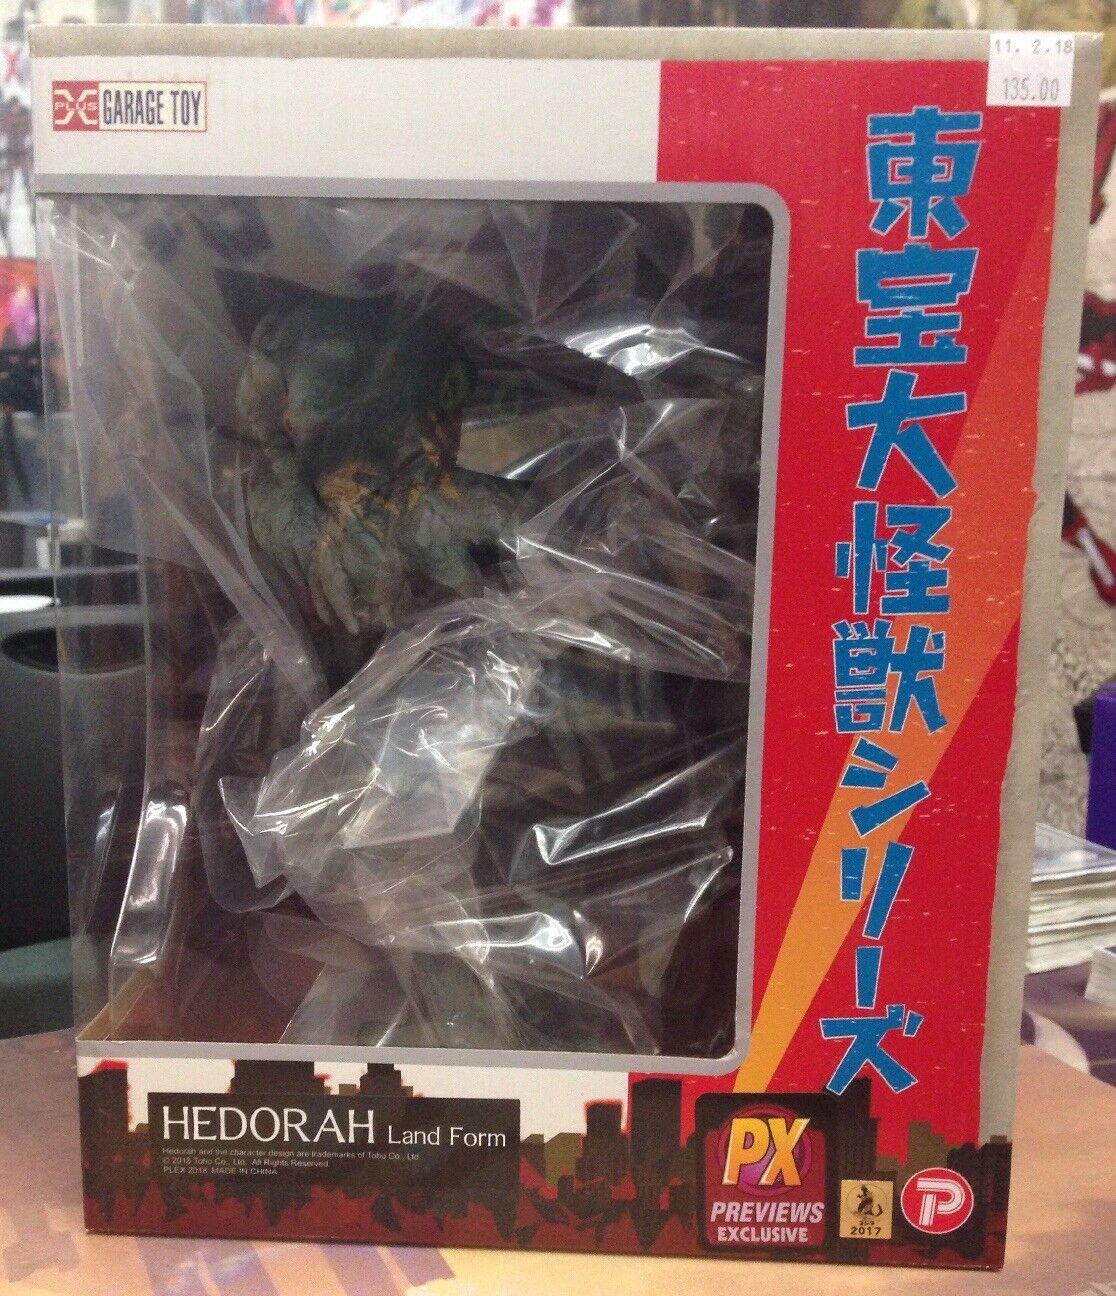 Formulario de tierra Hedorah PX vistas previas Exclusivo Figura Godzilla Toho Serie Nuevo